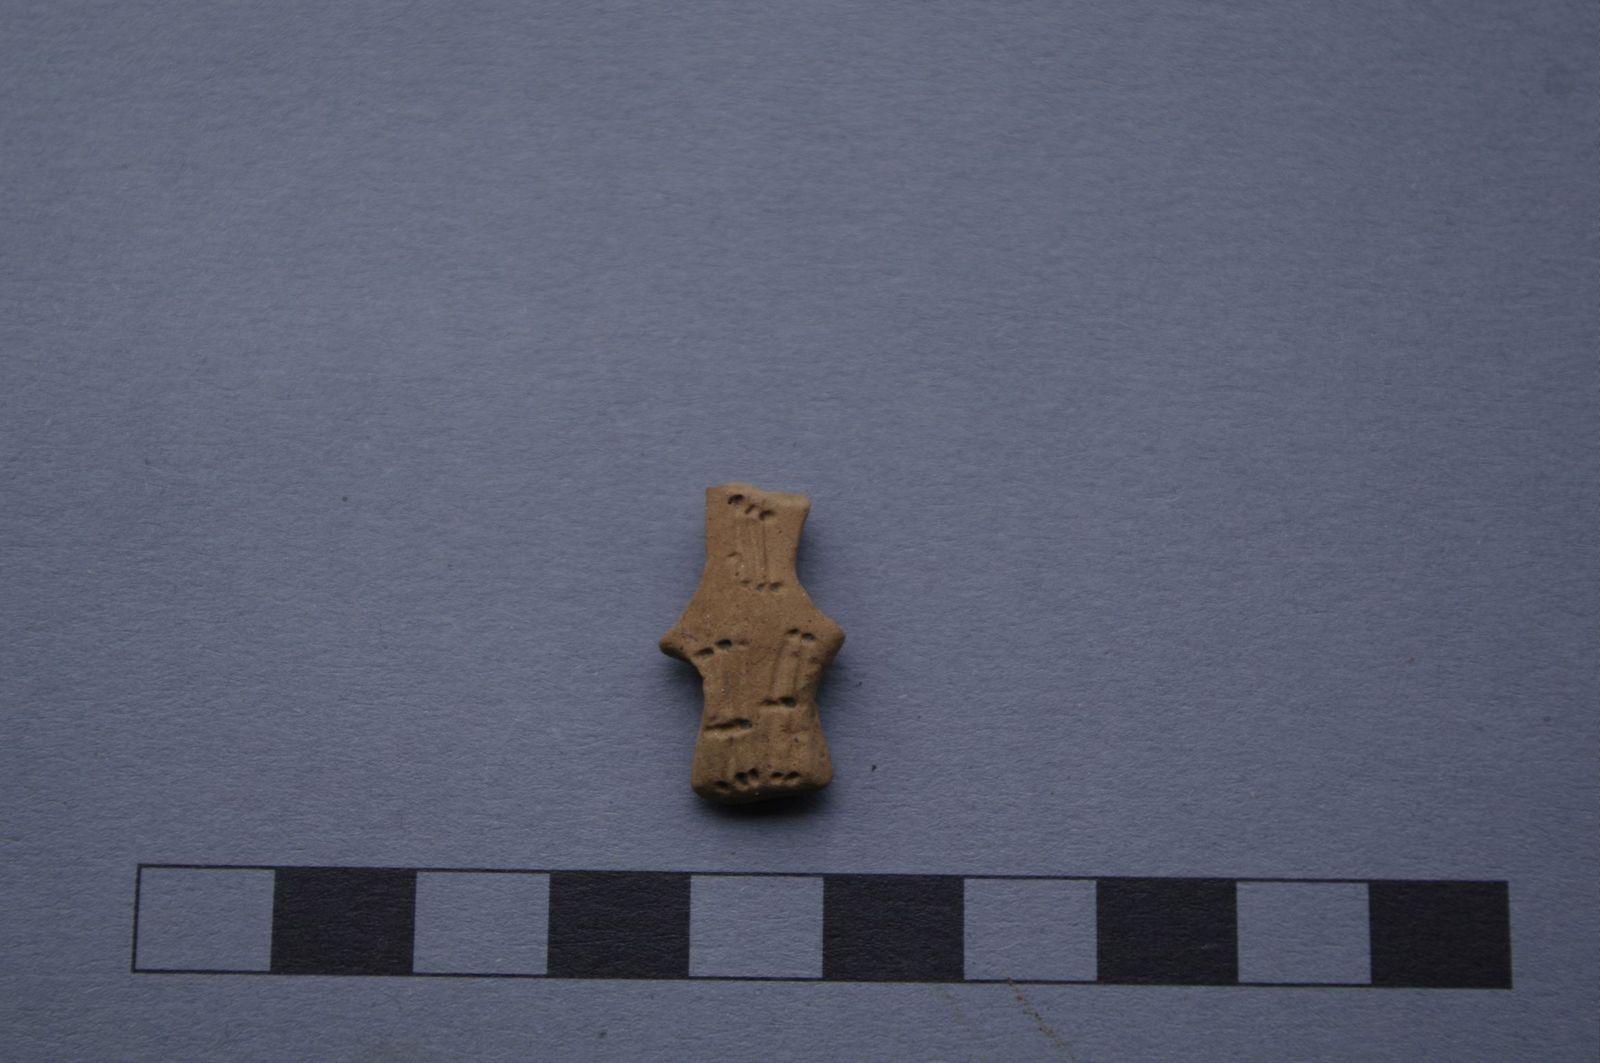 Ein anhtropomorphes, also menschengestaltiges Idol. Foto: Bernhard Heeb